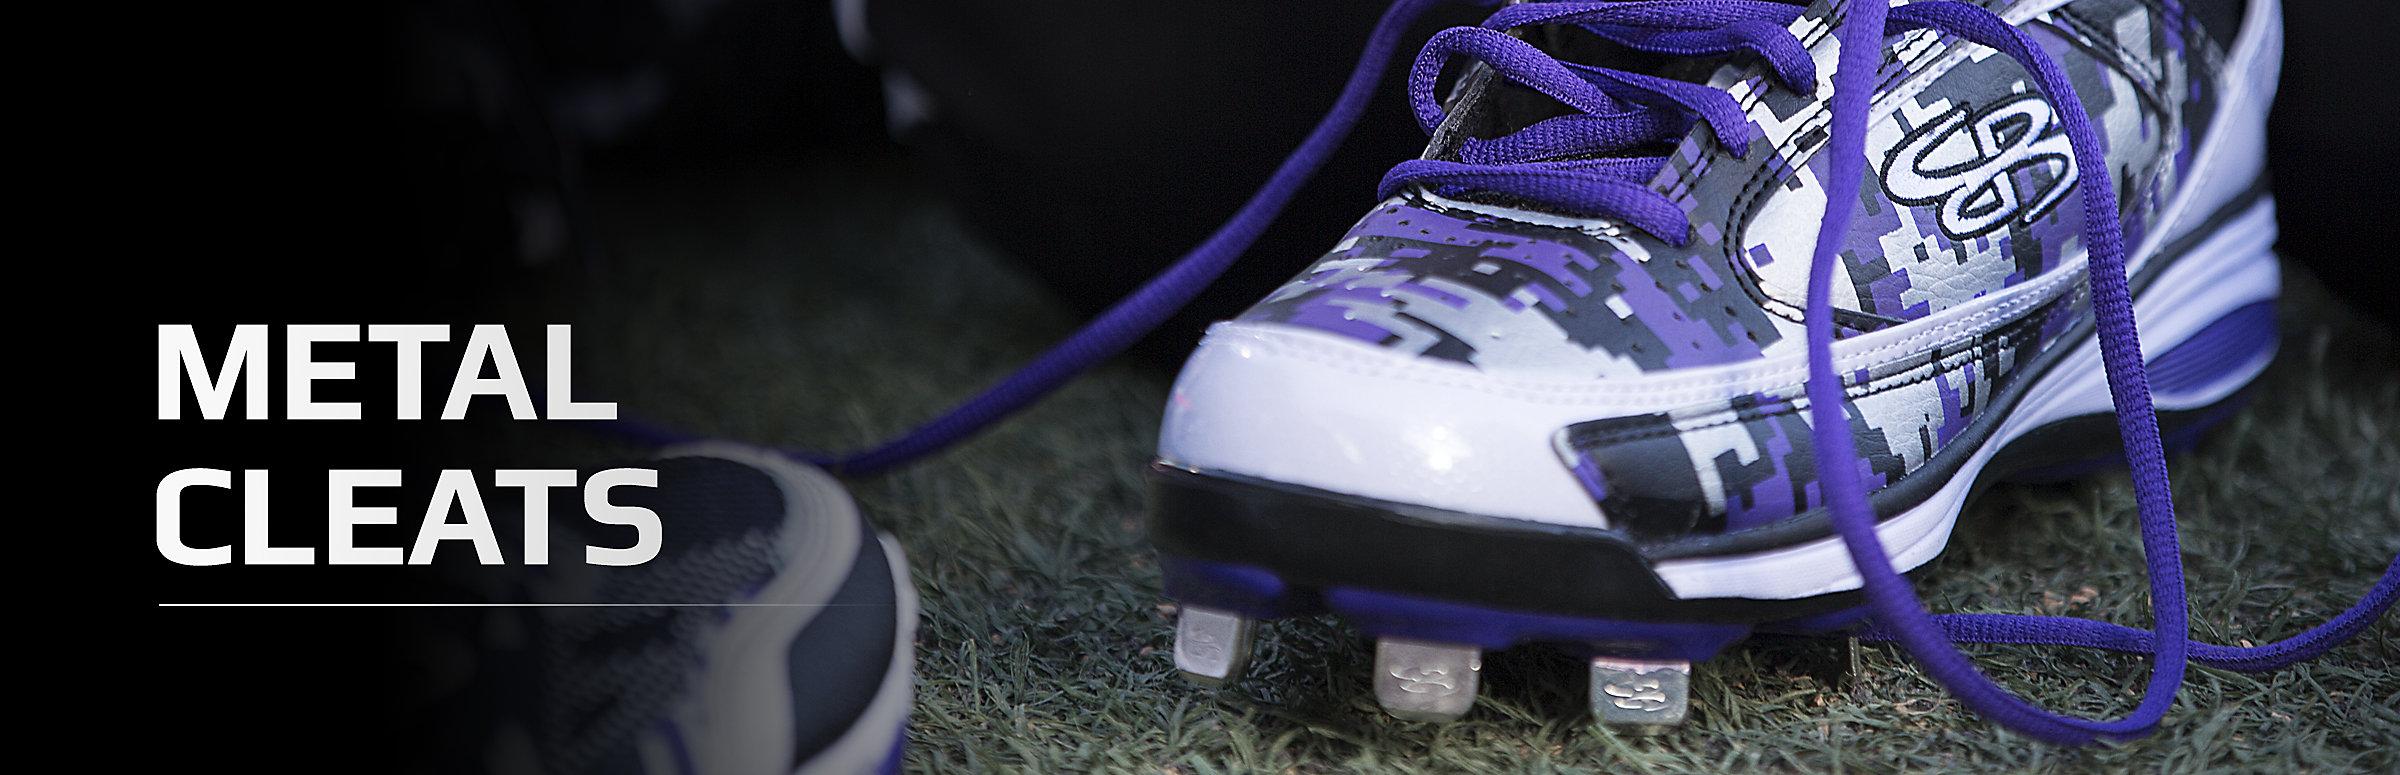 Baseball Shoes White